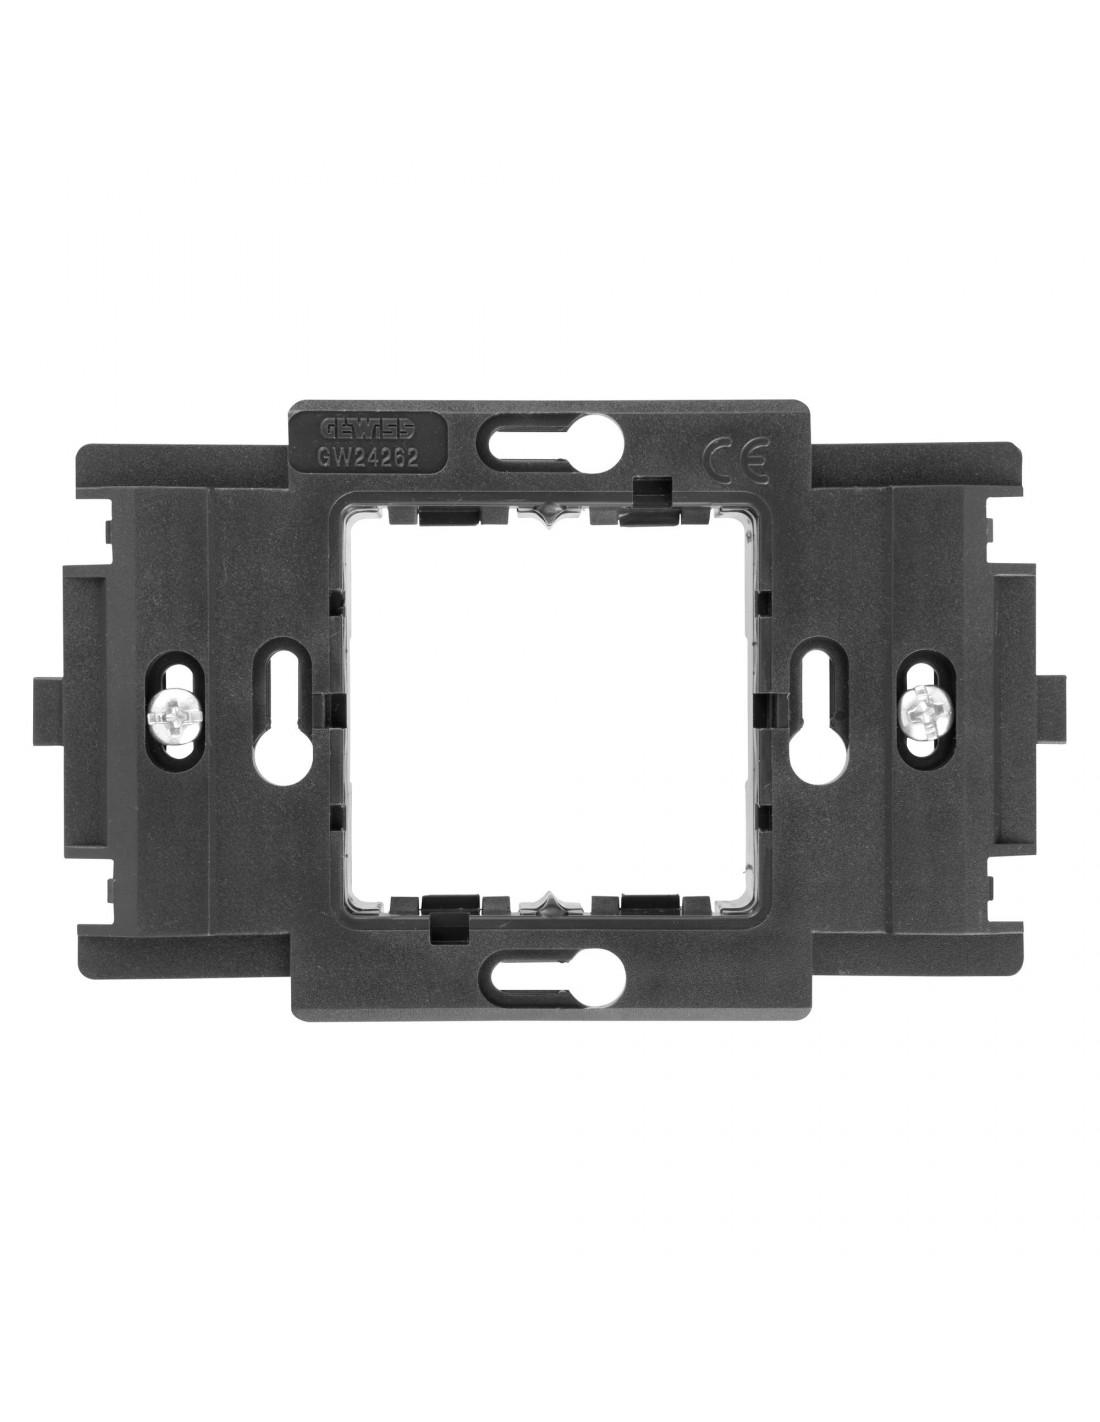 Gewiss GW24201 System | VENDITA supporto 3 moduli con viti